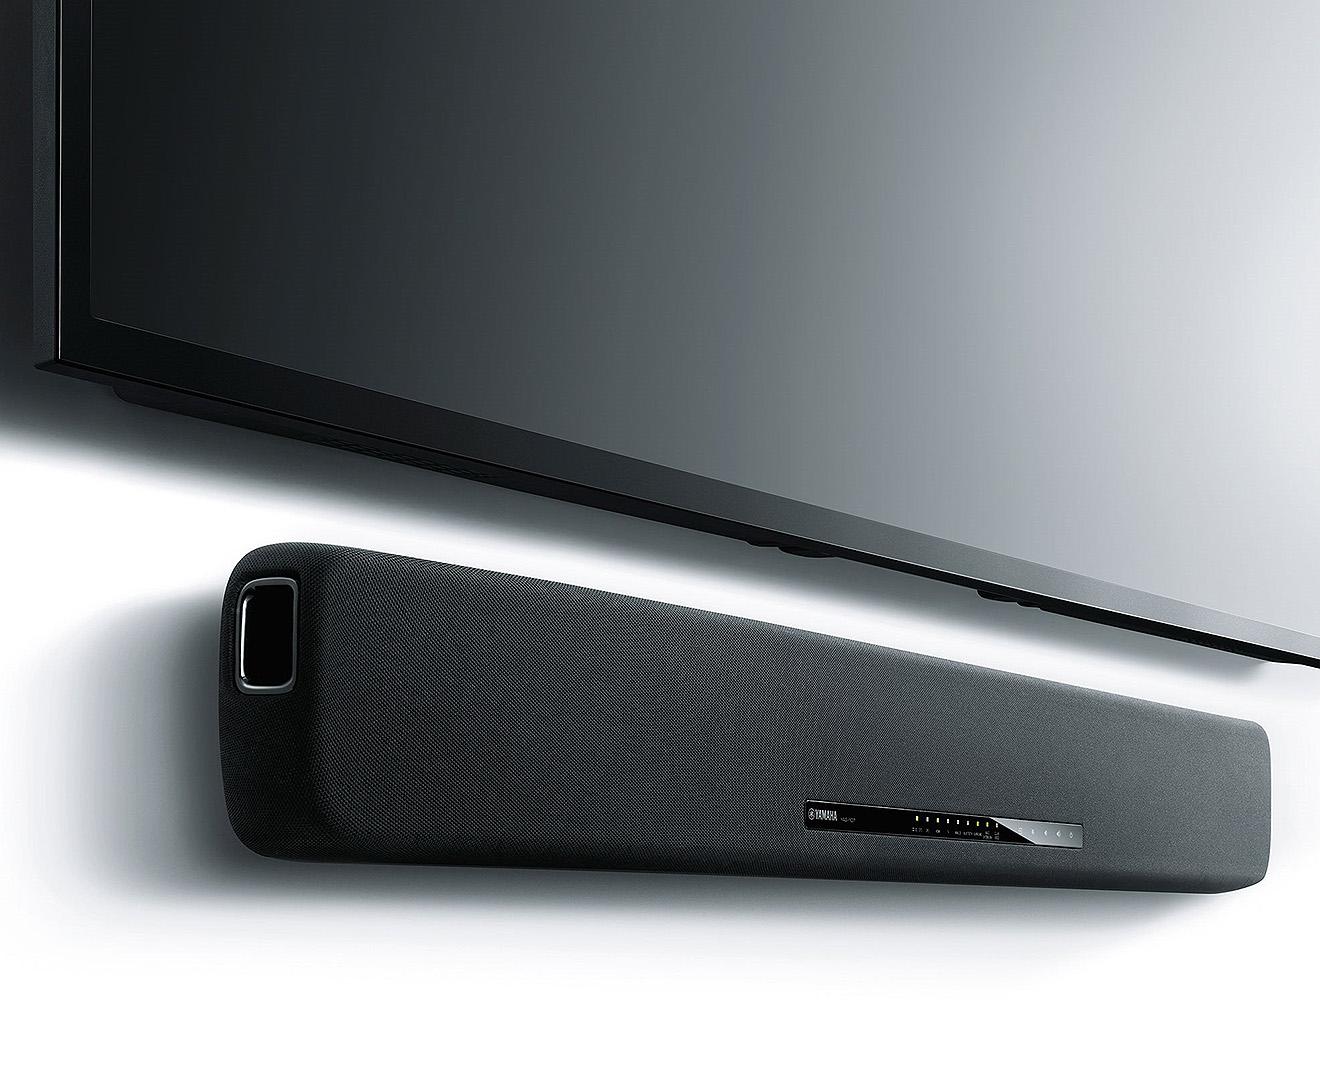 Yamaha ats1070b bluetooth soundbar black great daily for Yamaha ats 1030 soundbar review